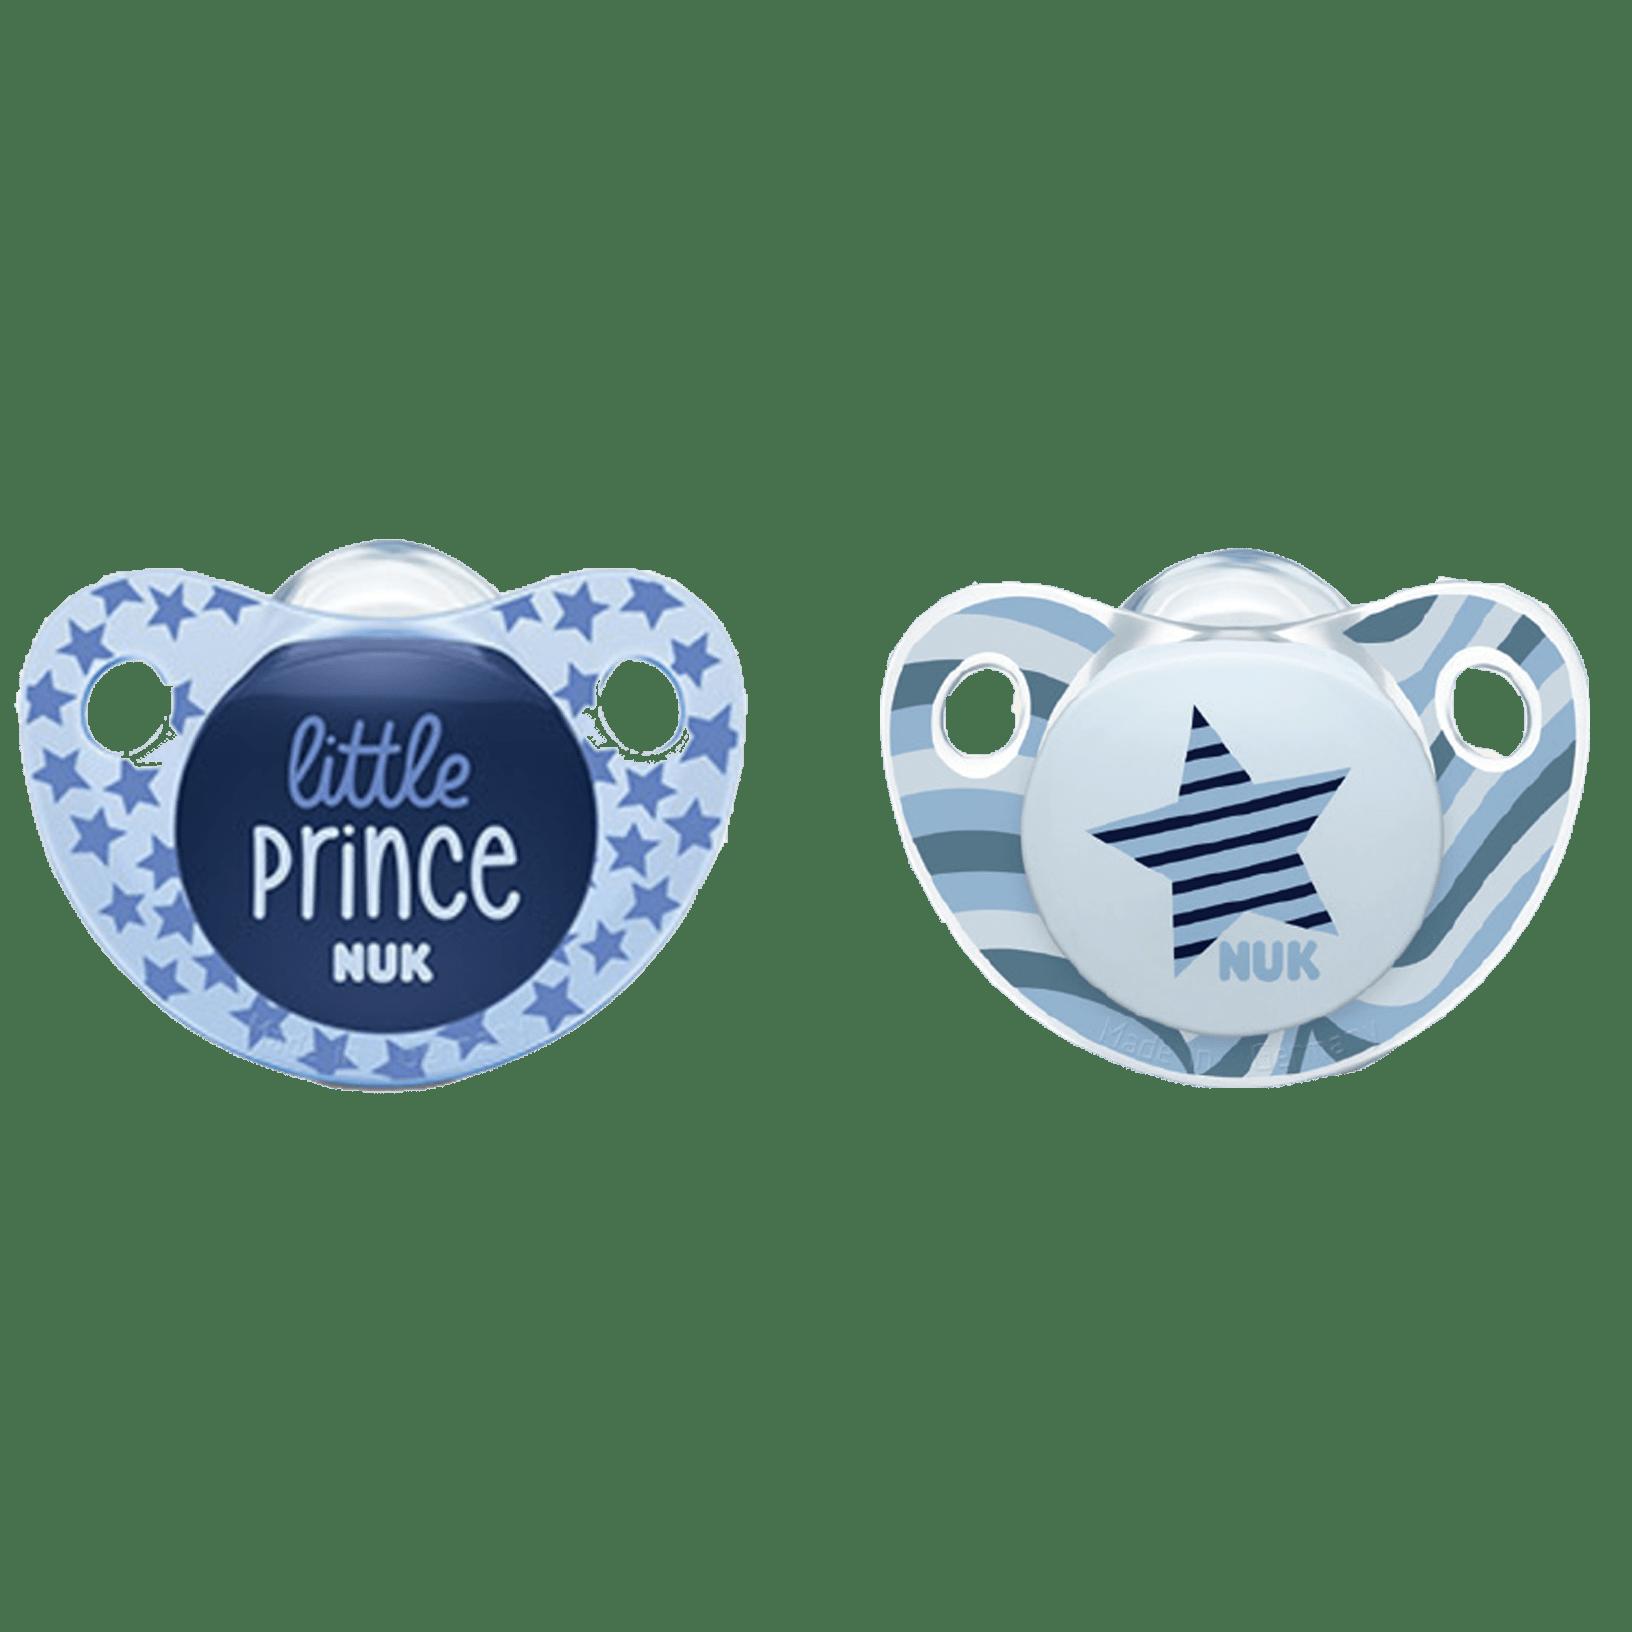 Sucettes Etoile et Little Prince NUK